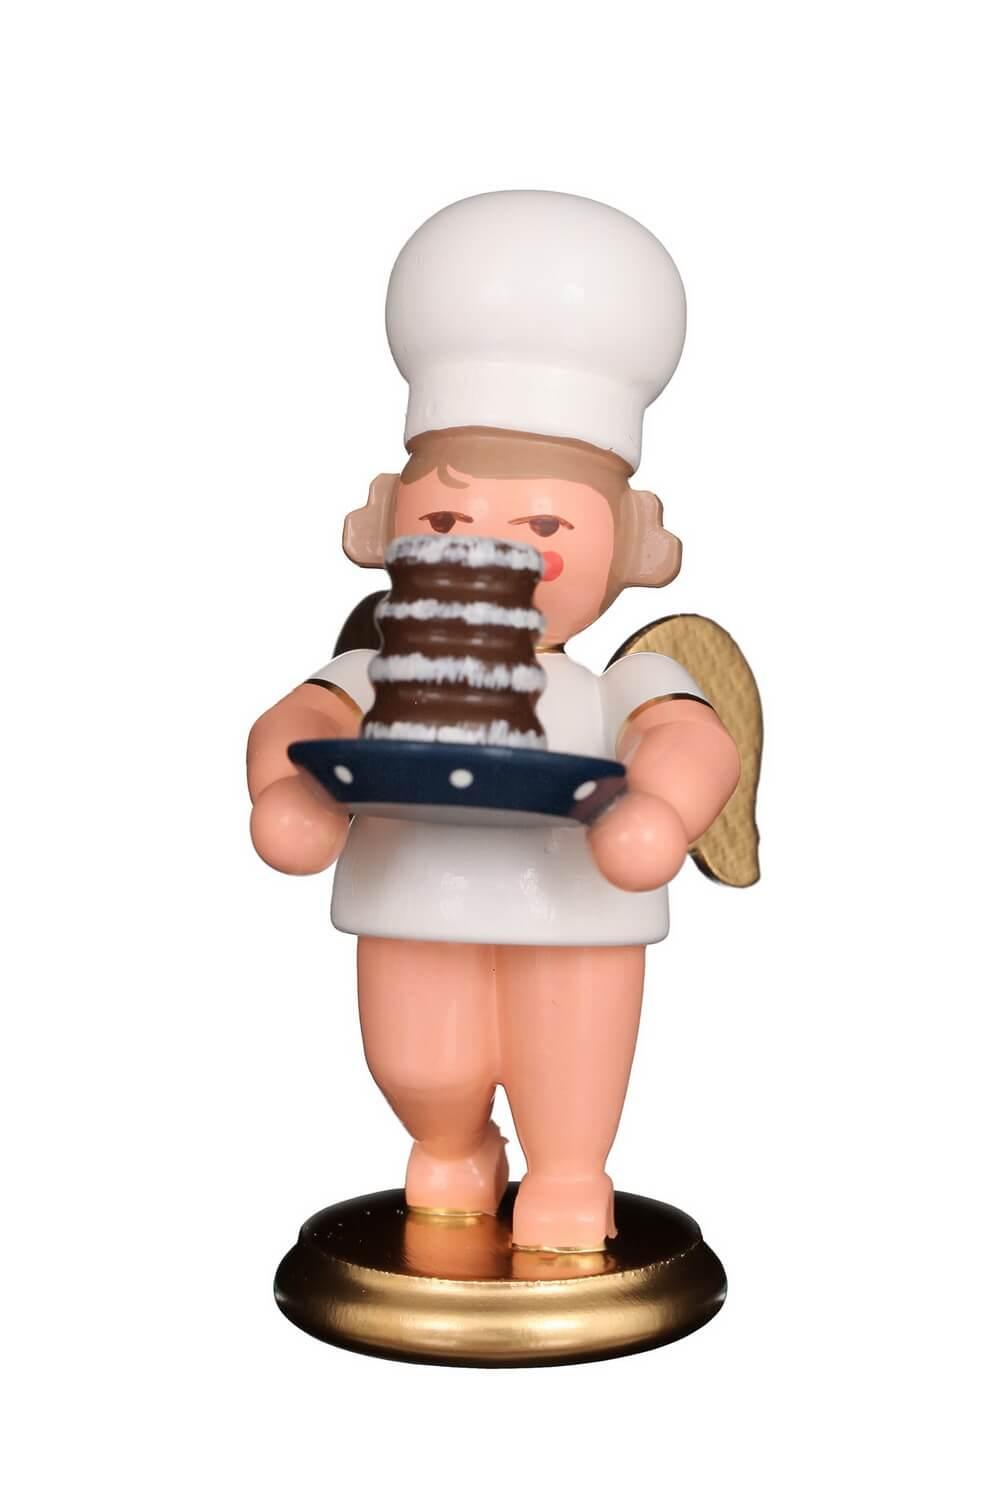 Weihnachtsengel - Bäckerengel mit Baumkuchen, 8 cm von Christian Ulbricht GmbH & Co KG Seiffen/ Erzgebirge